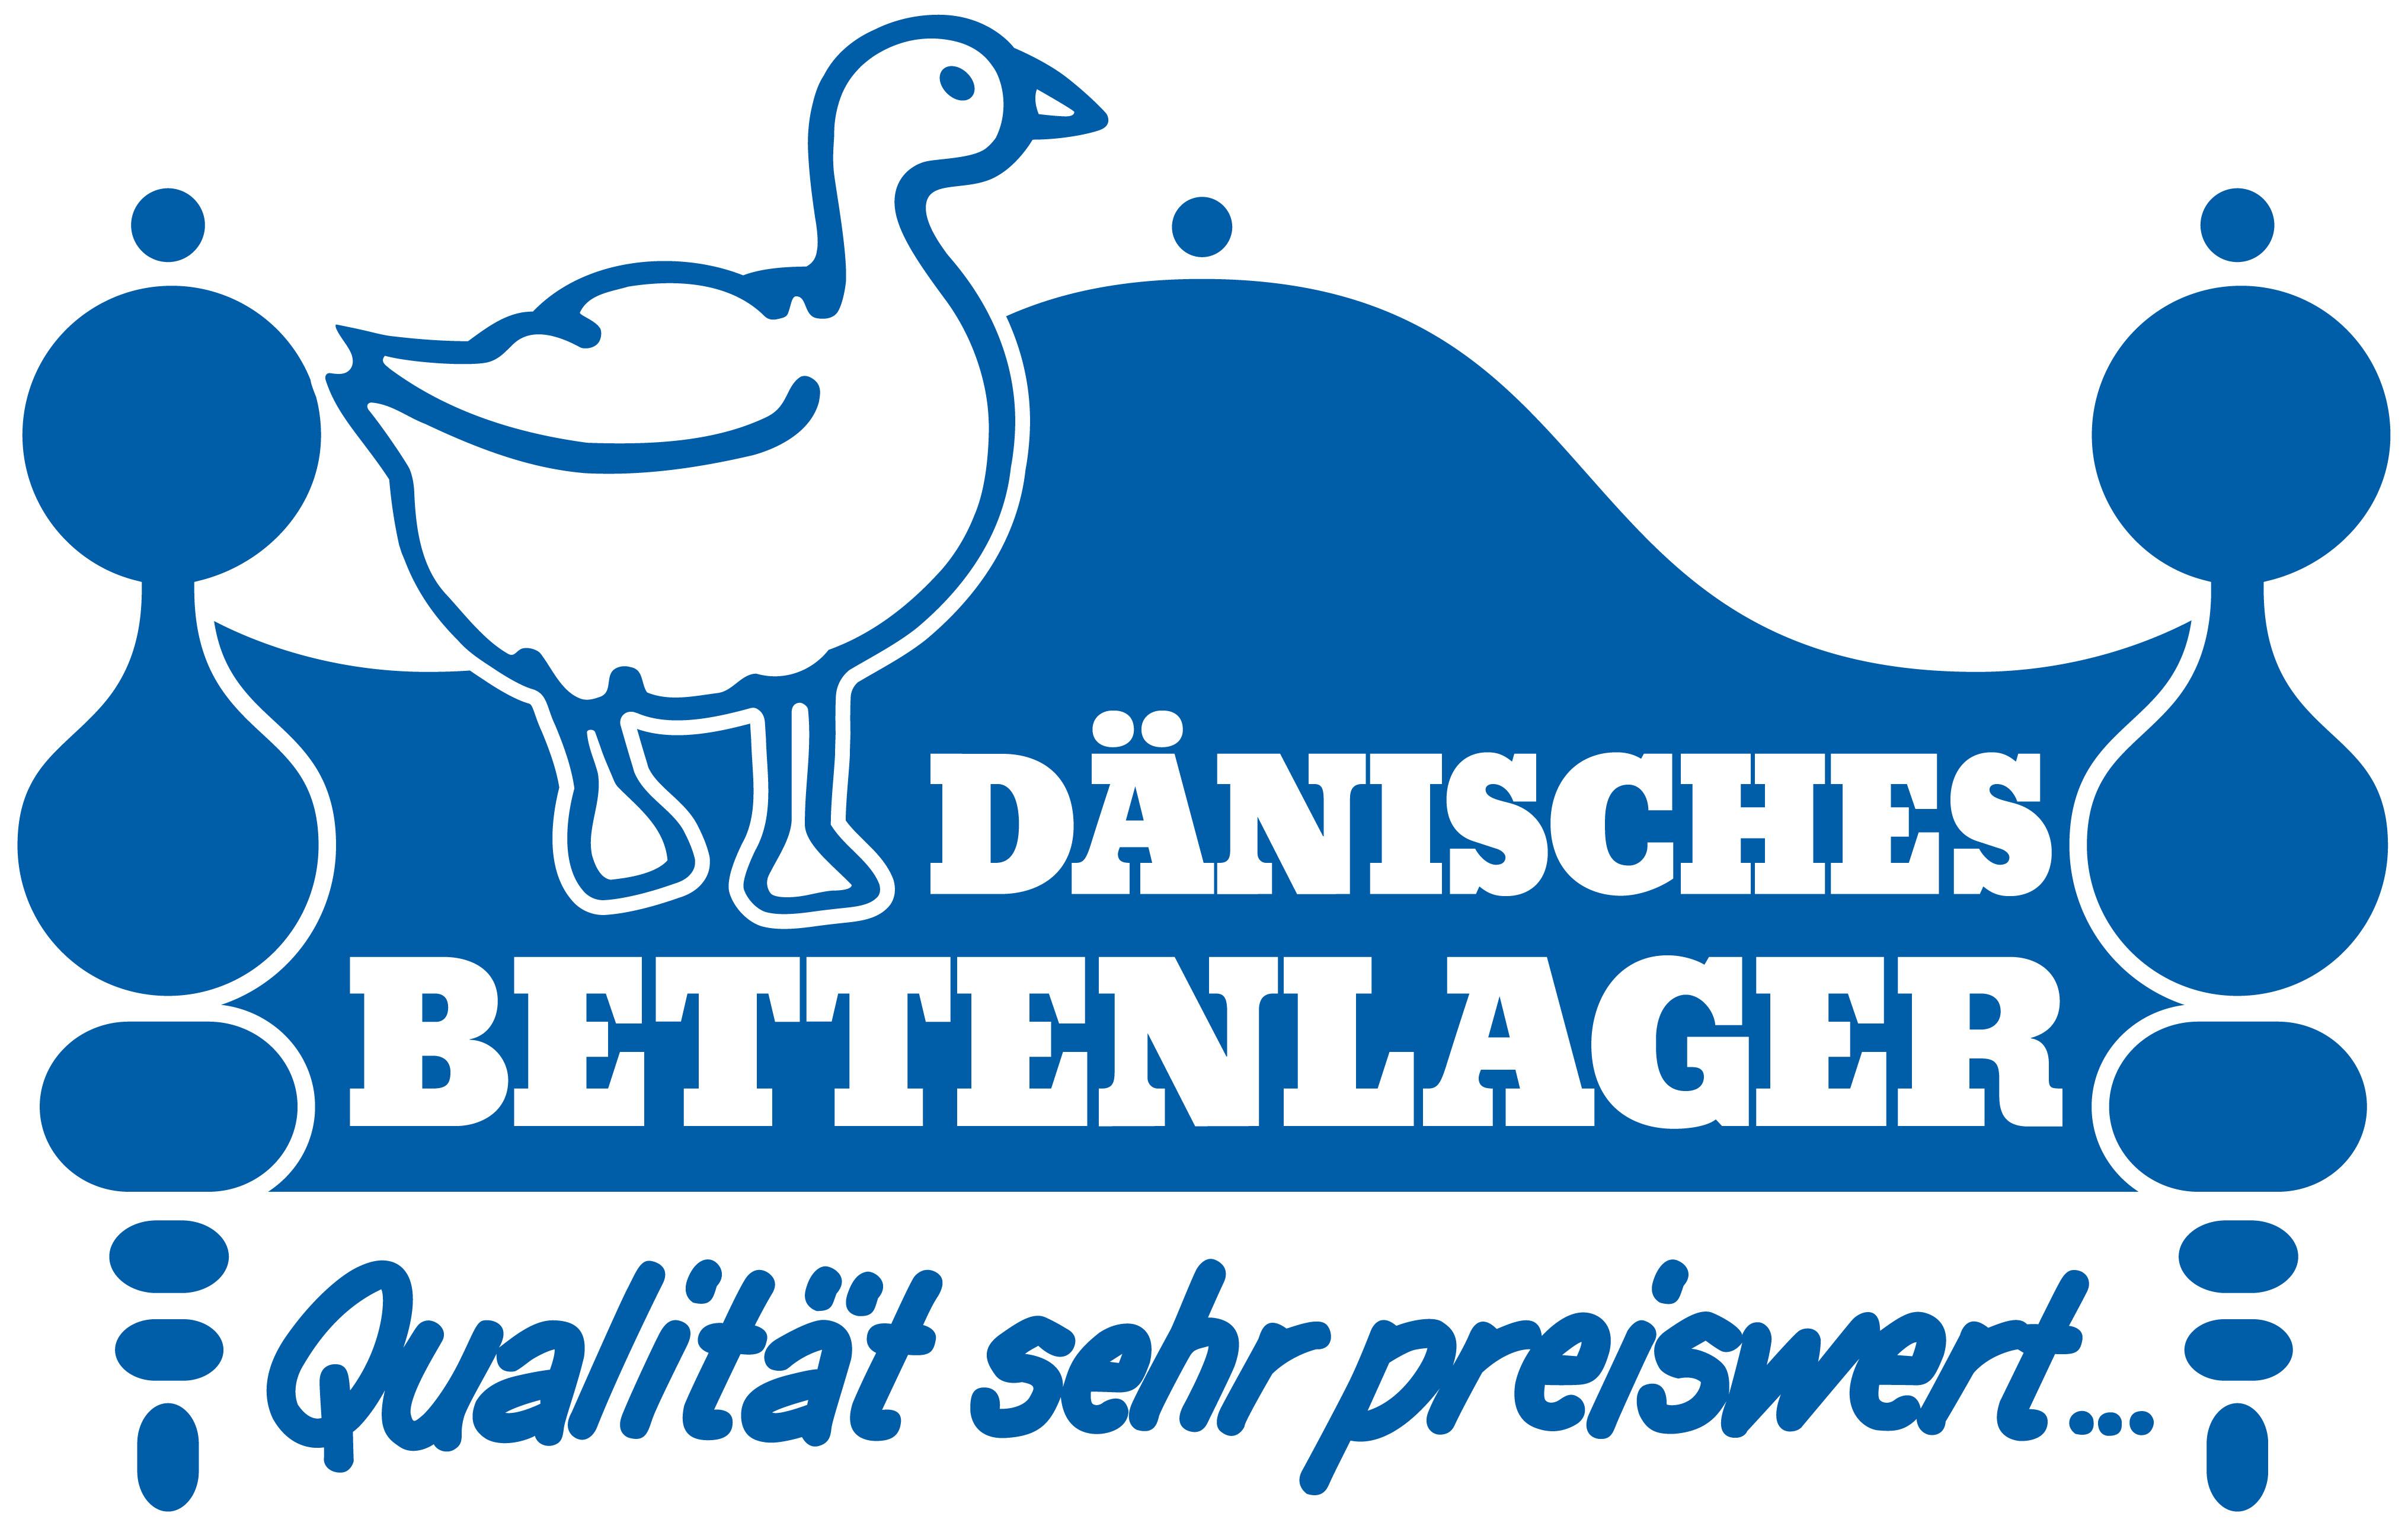 [Dänisches Bettenlager] -25% auf (fast) alles, online und vor Ort